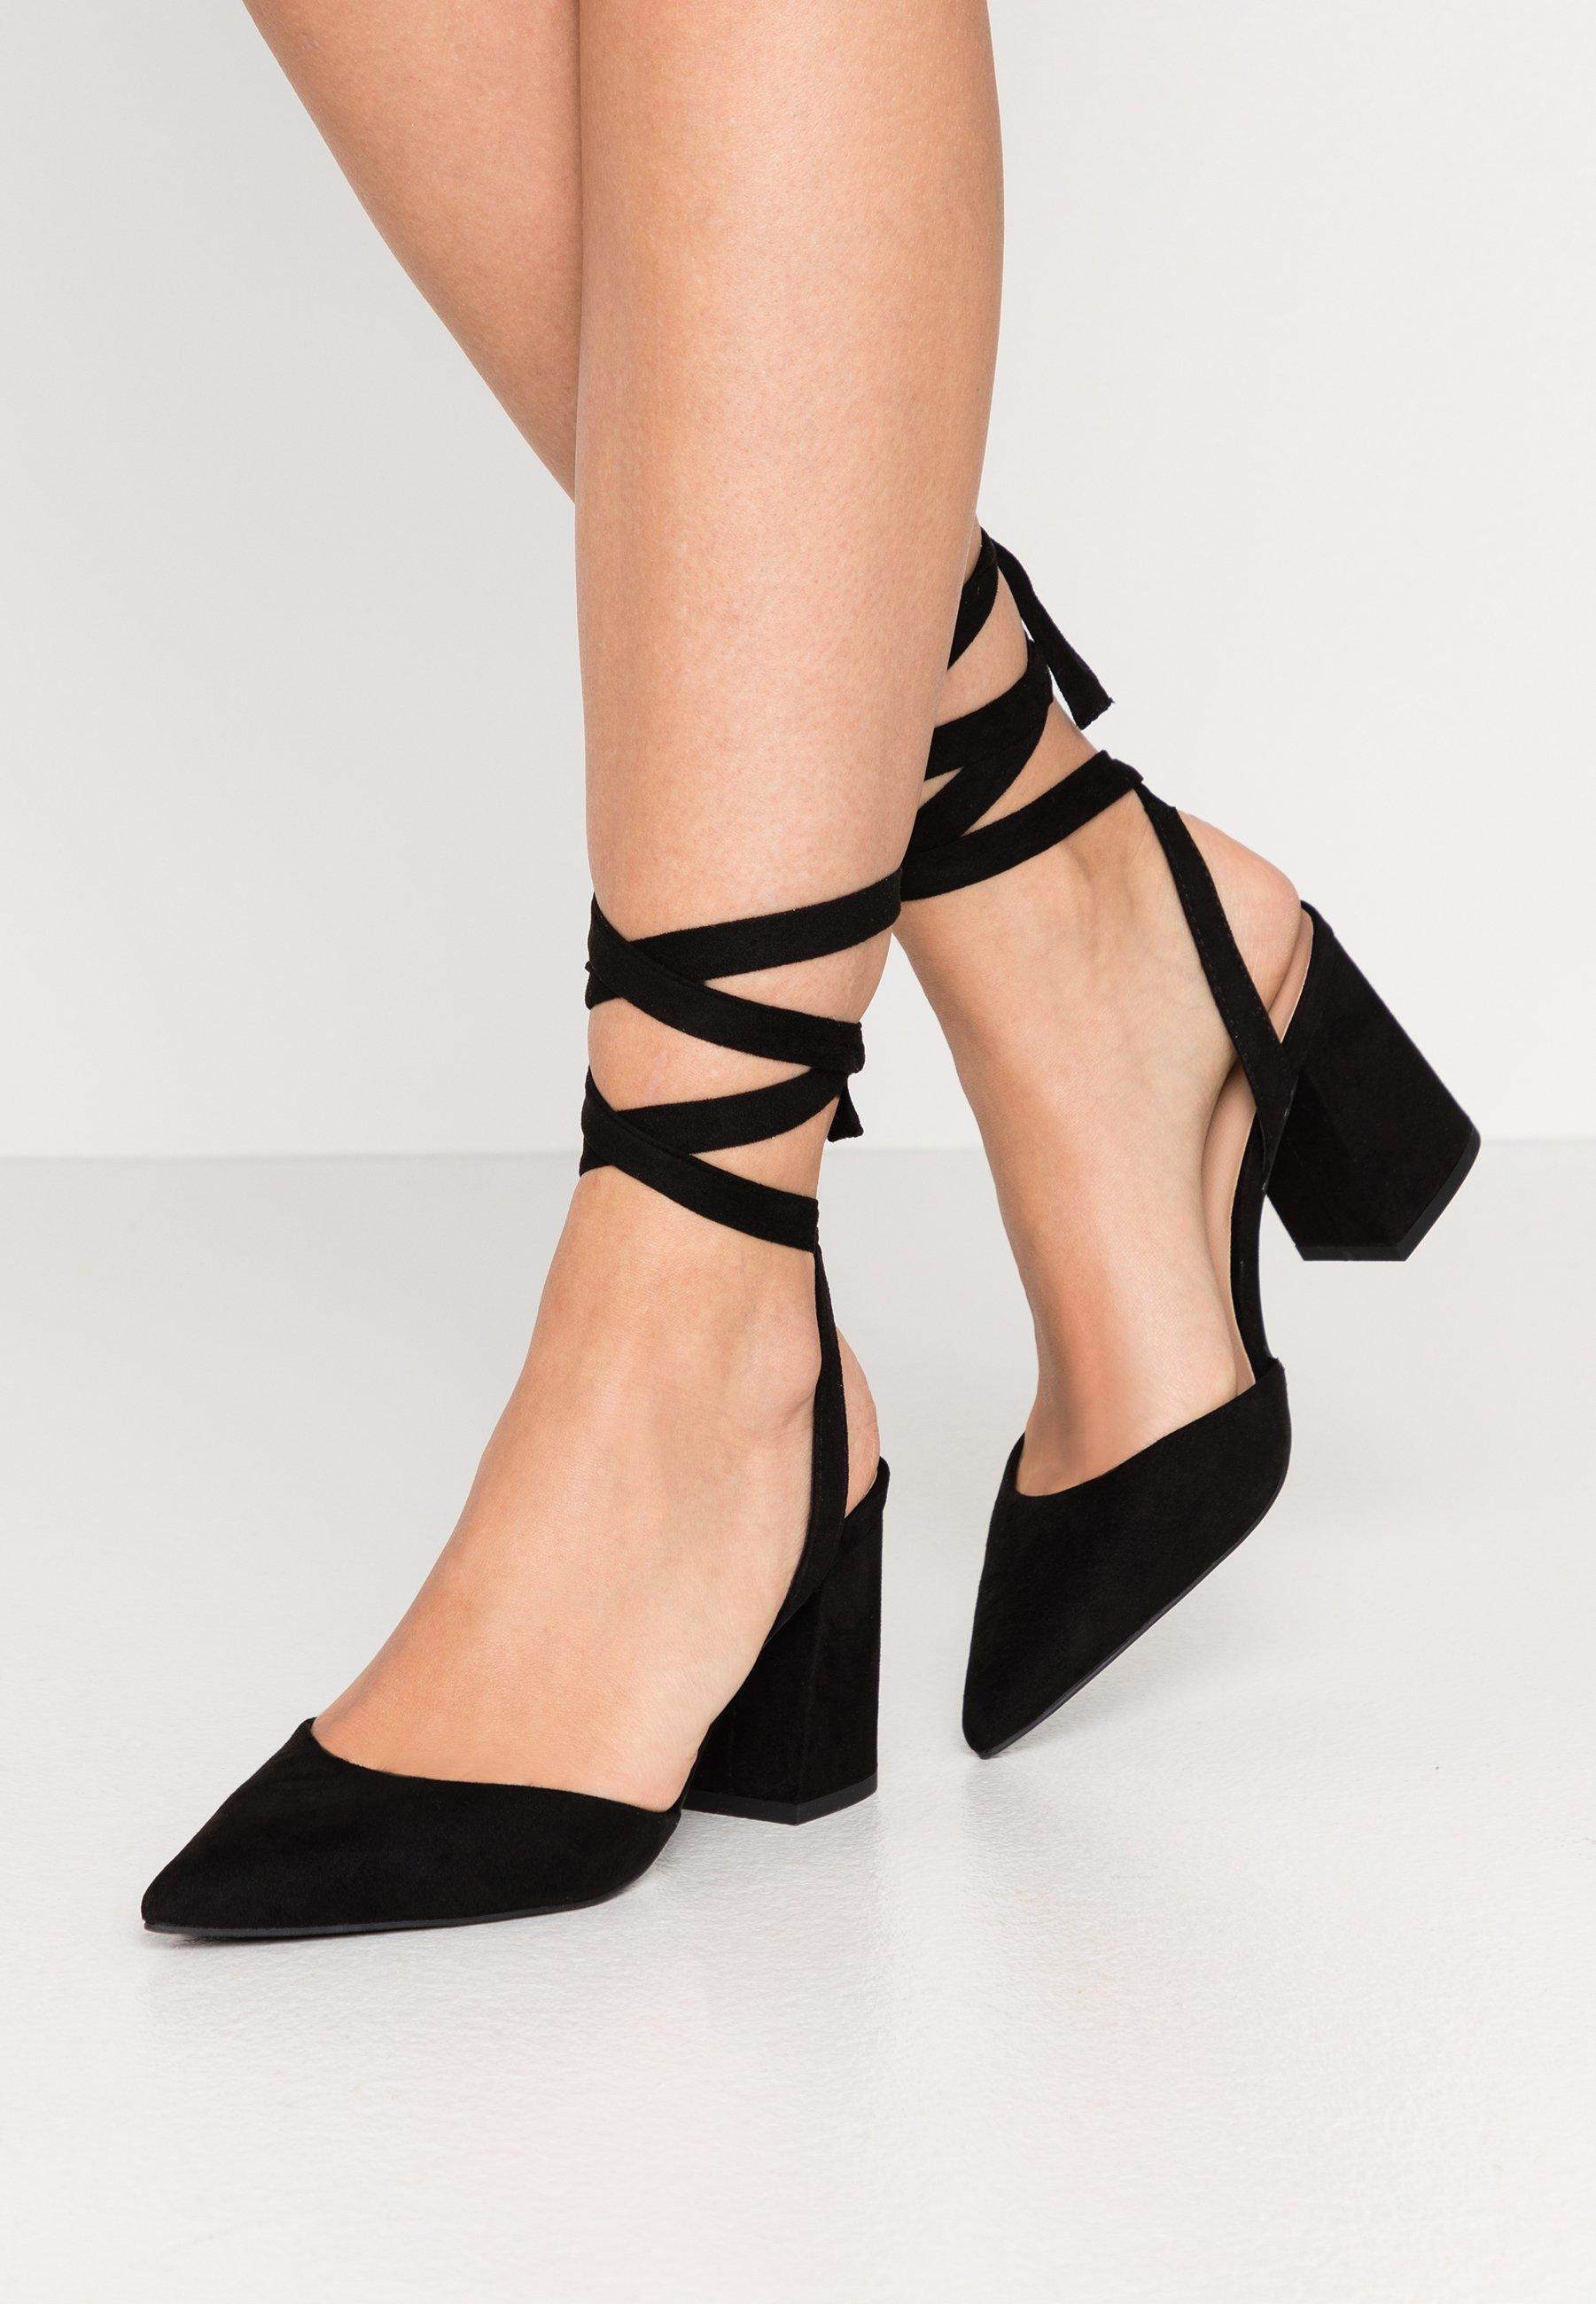 New Look RICHMOND - Escarpins - black - Chaussures à talons femme En ligne